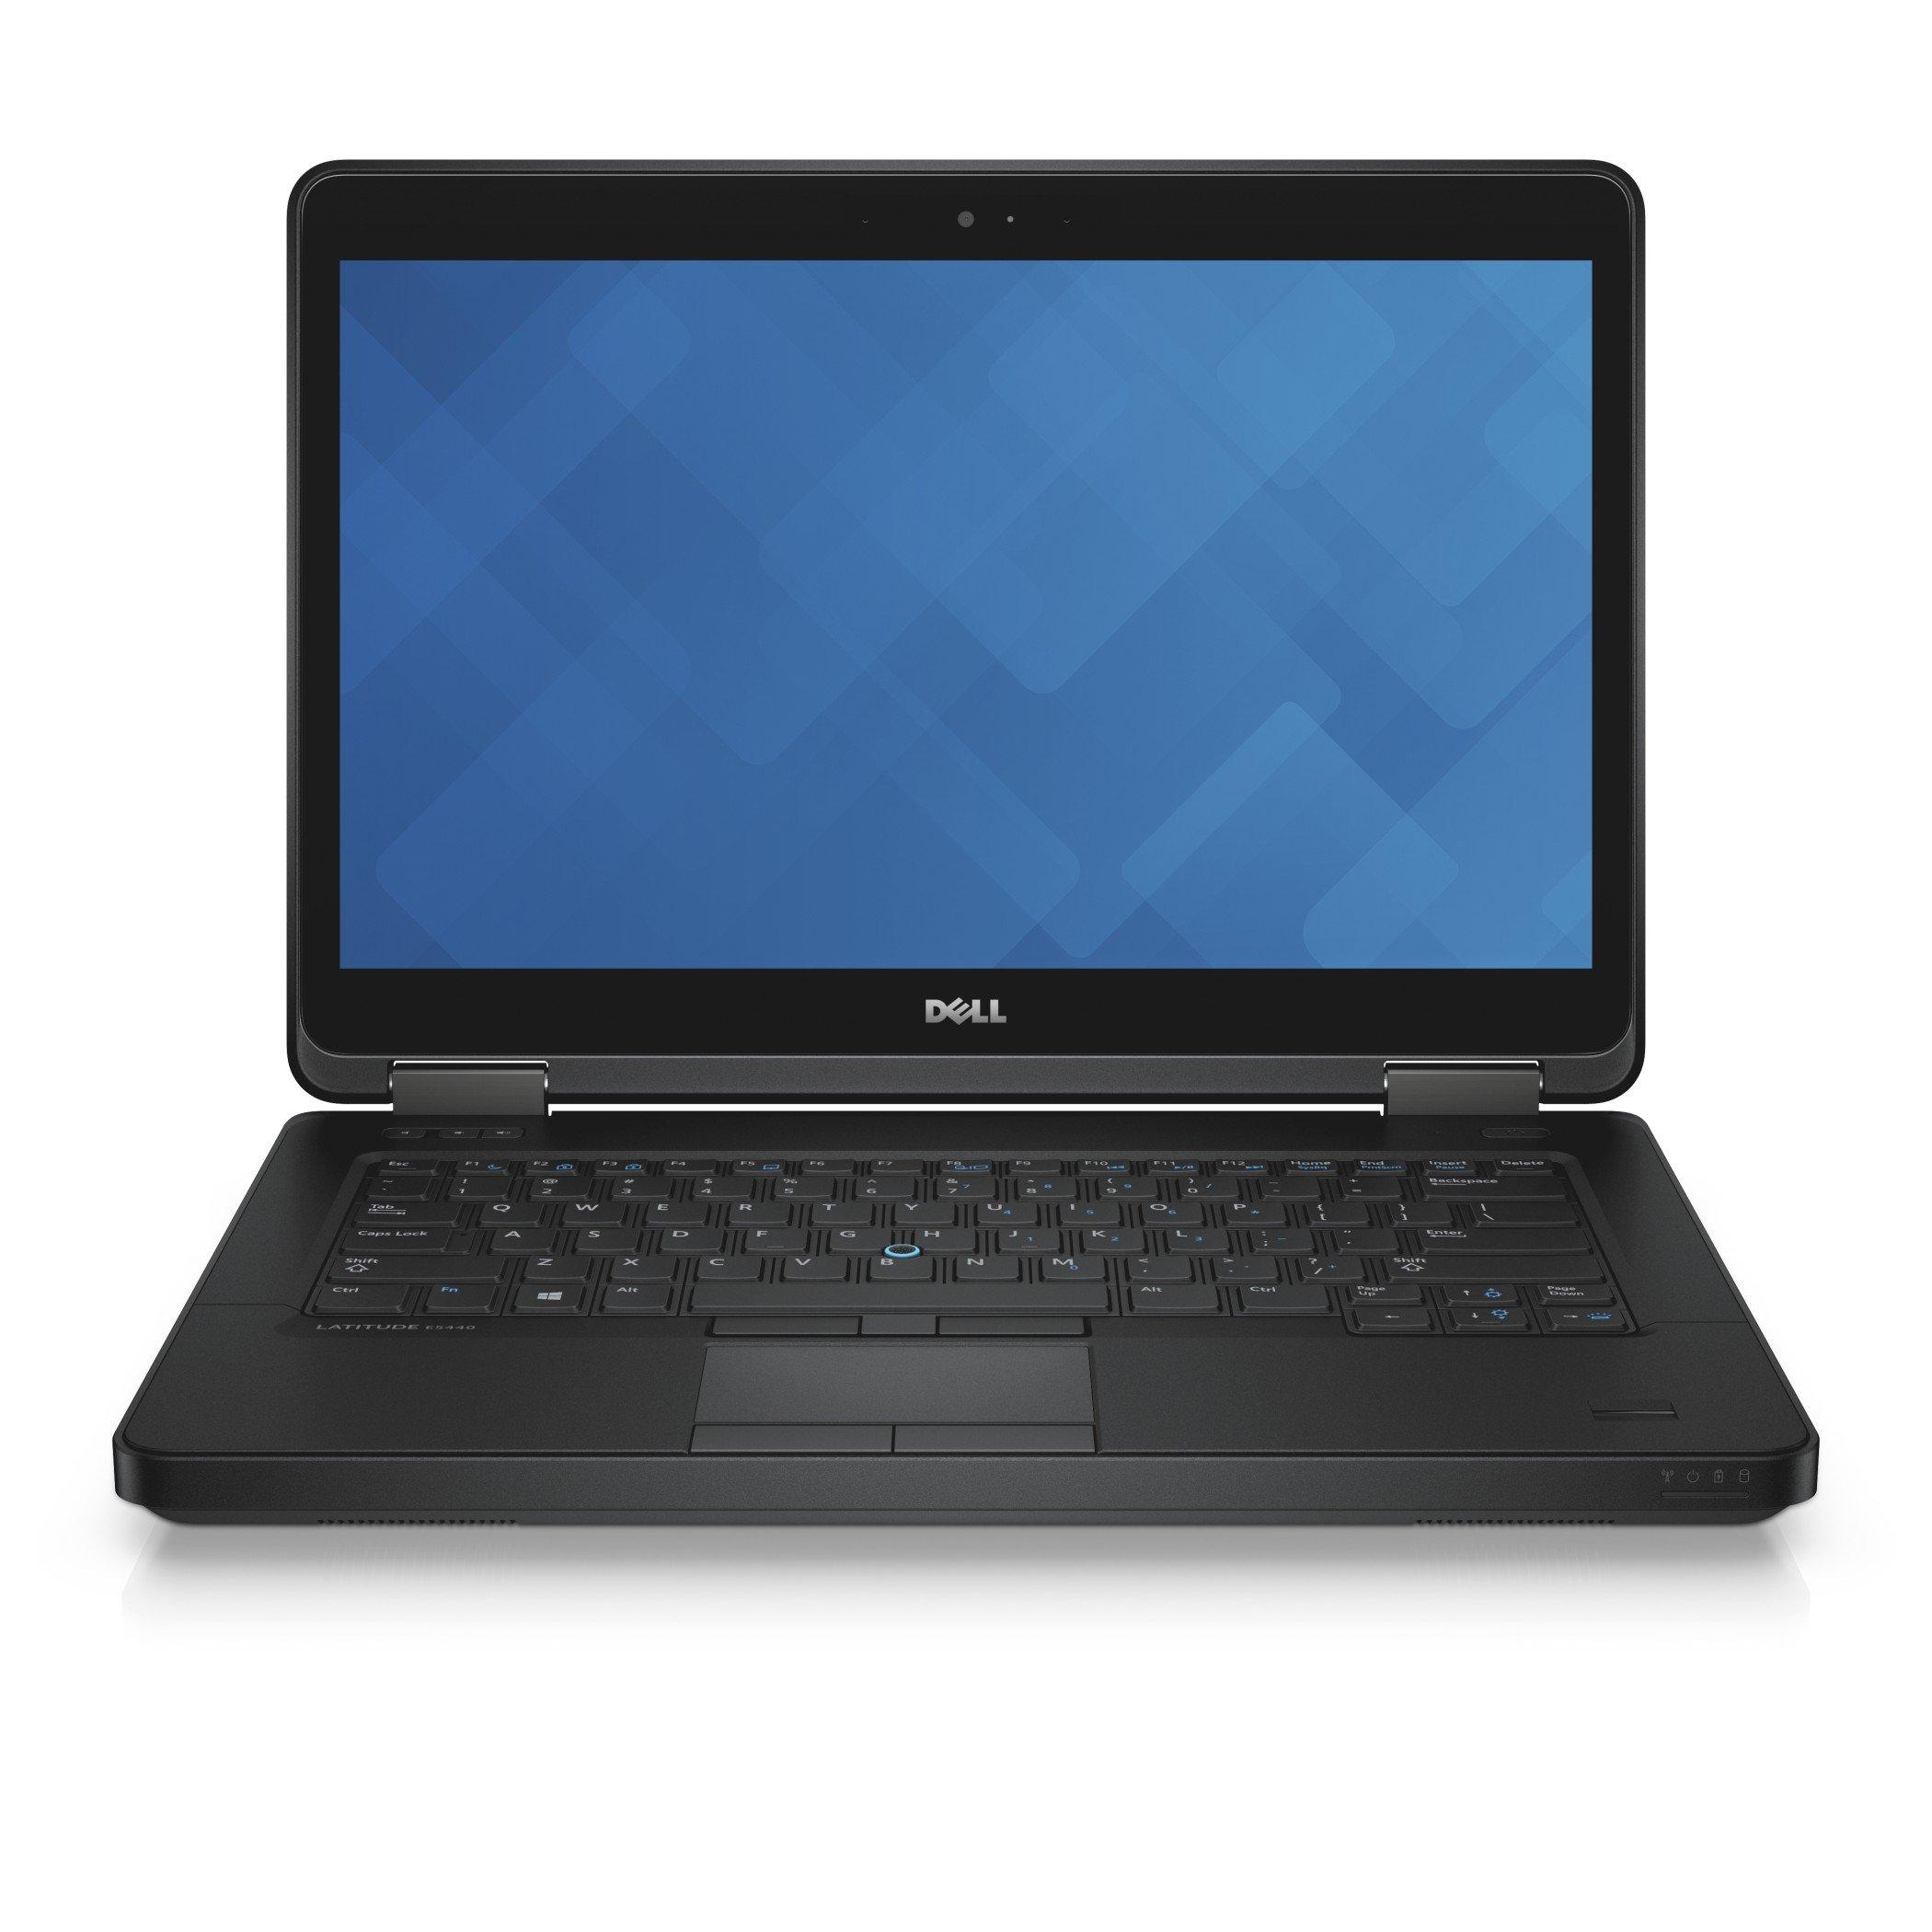 Dell Latitude 14 5000 E5440 I5 Astringo